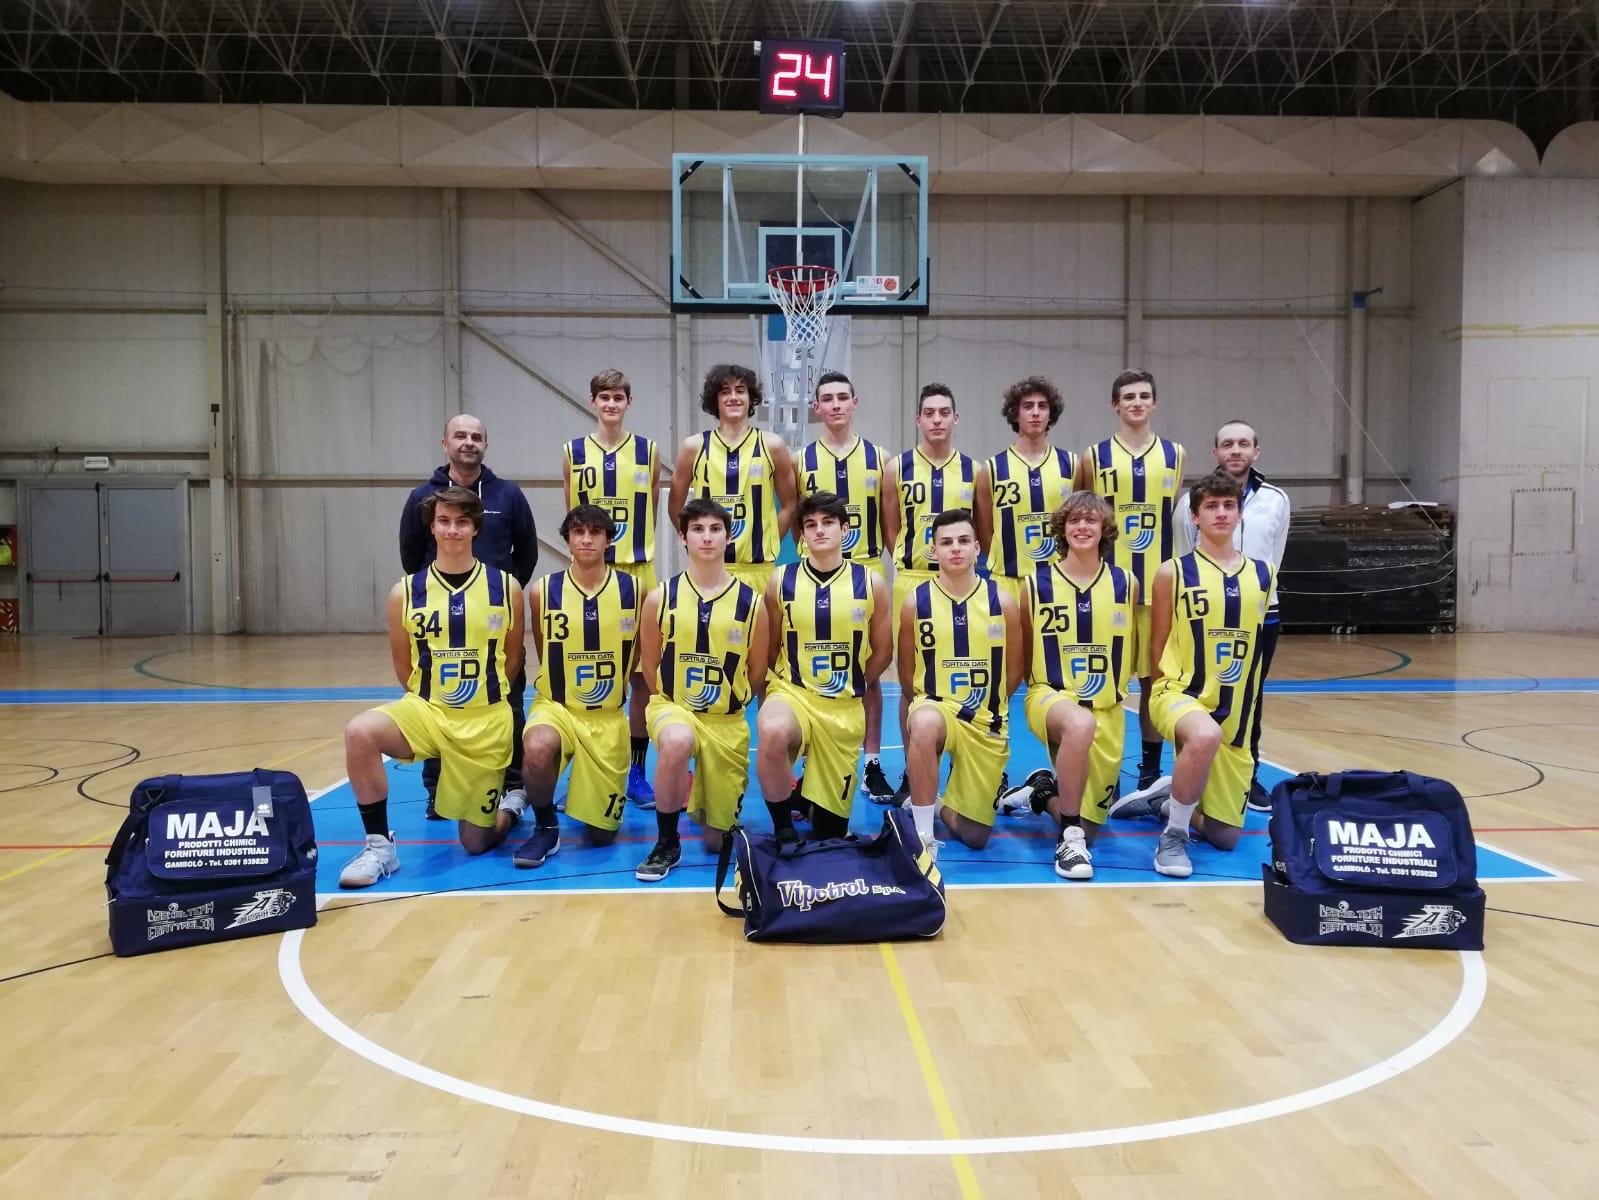 Auxilium Torino Calendario.Under 18 Eccellenza 3 Giornata Di Ritorno Basket Team